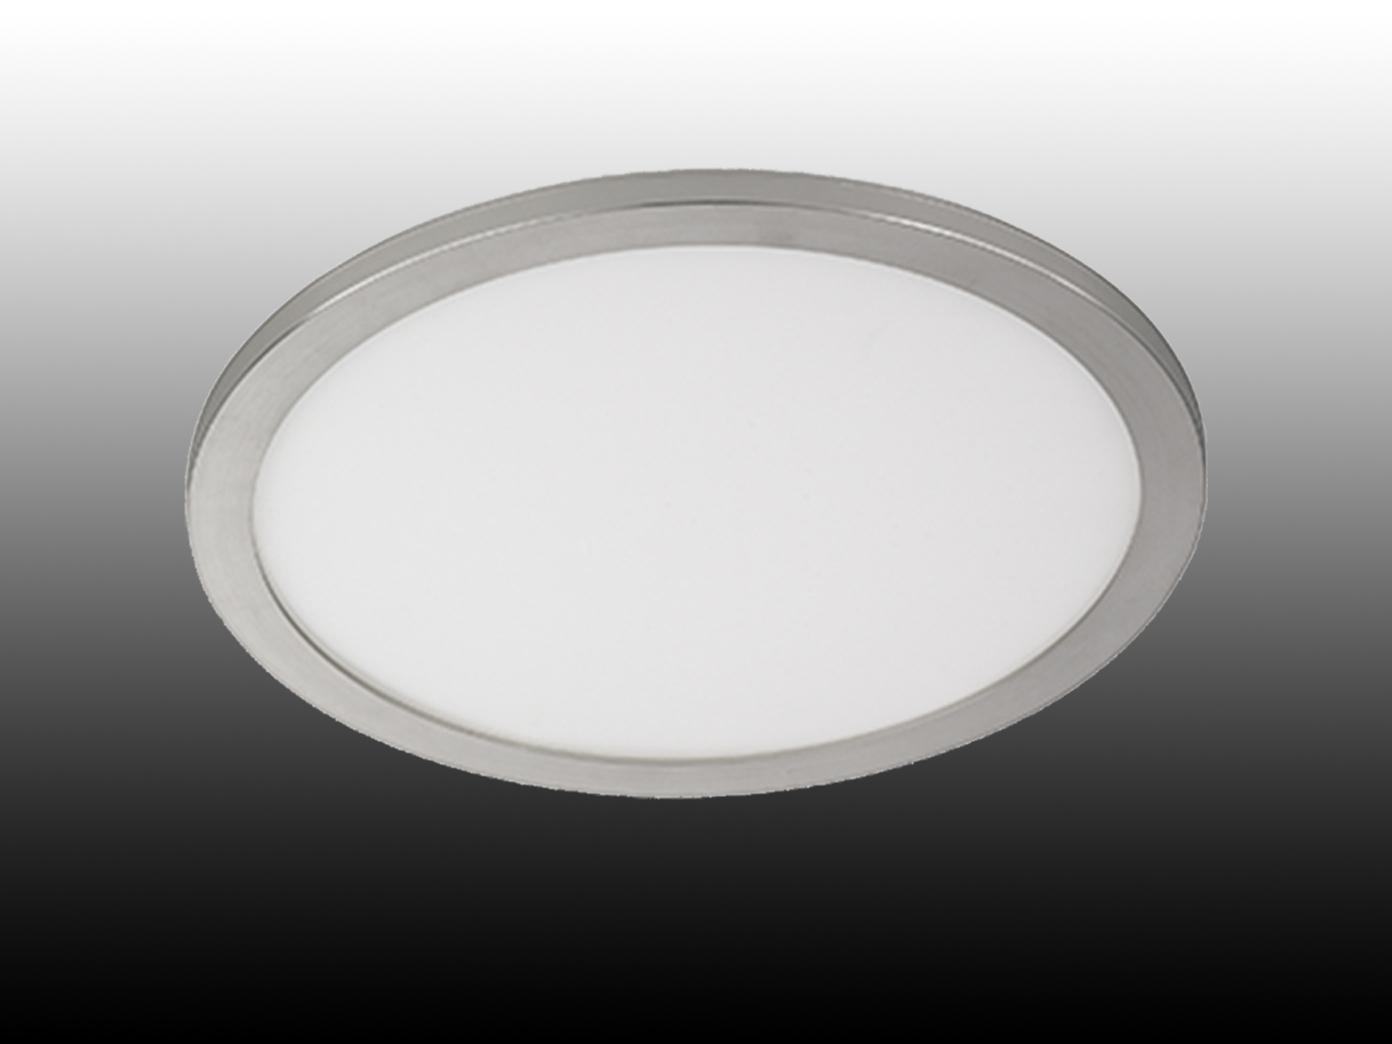 Bon Flache LED Innenleuchte Für Das Badezimmer, Große Deckenlampe, Ø 60cm, ...